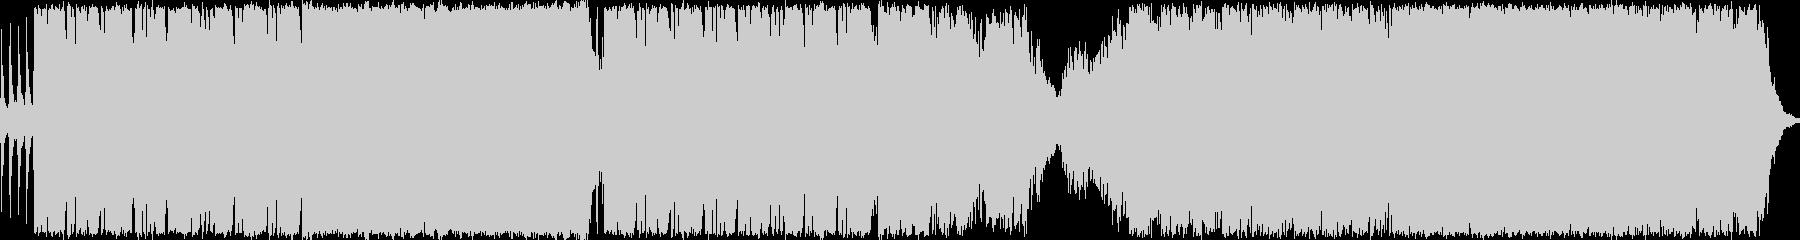 ファンタジーRPGのオープニング画面を…の未再生の波形